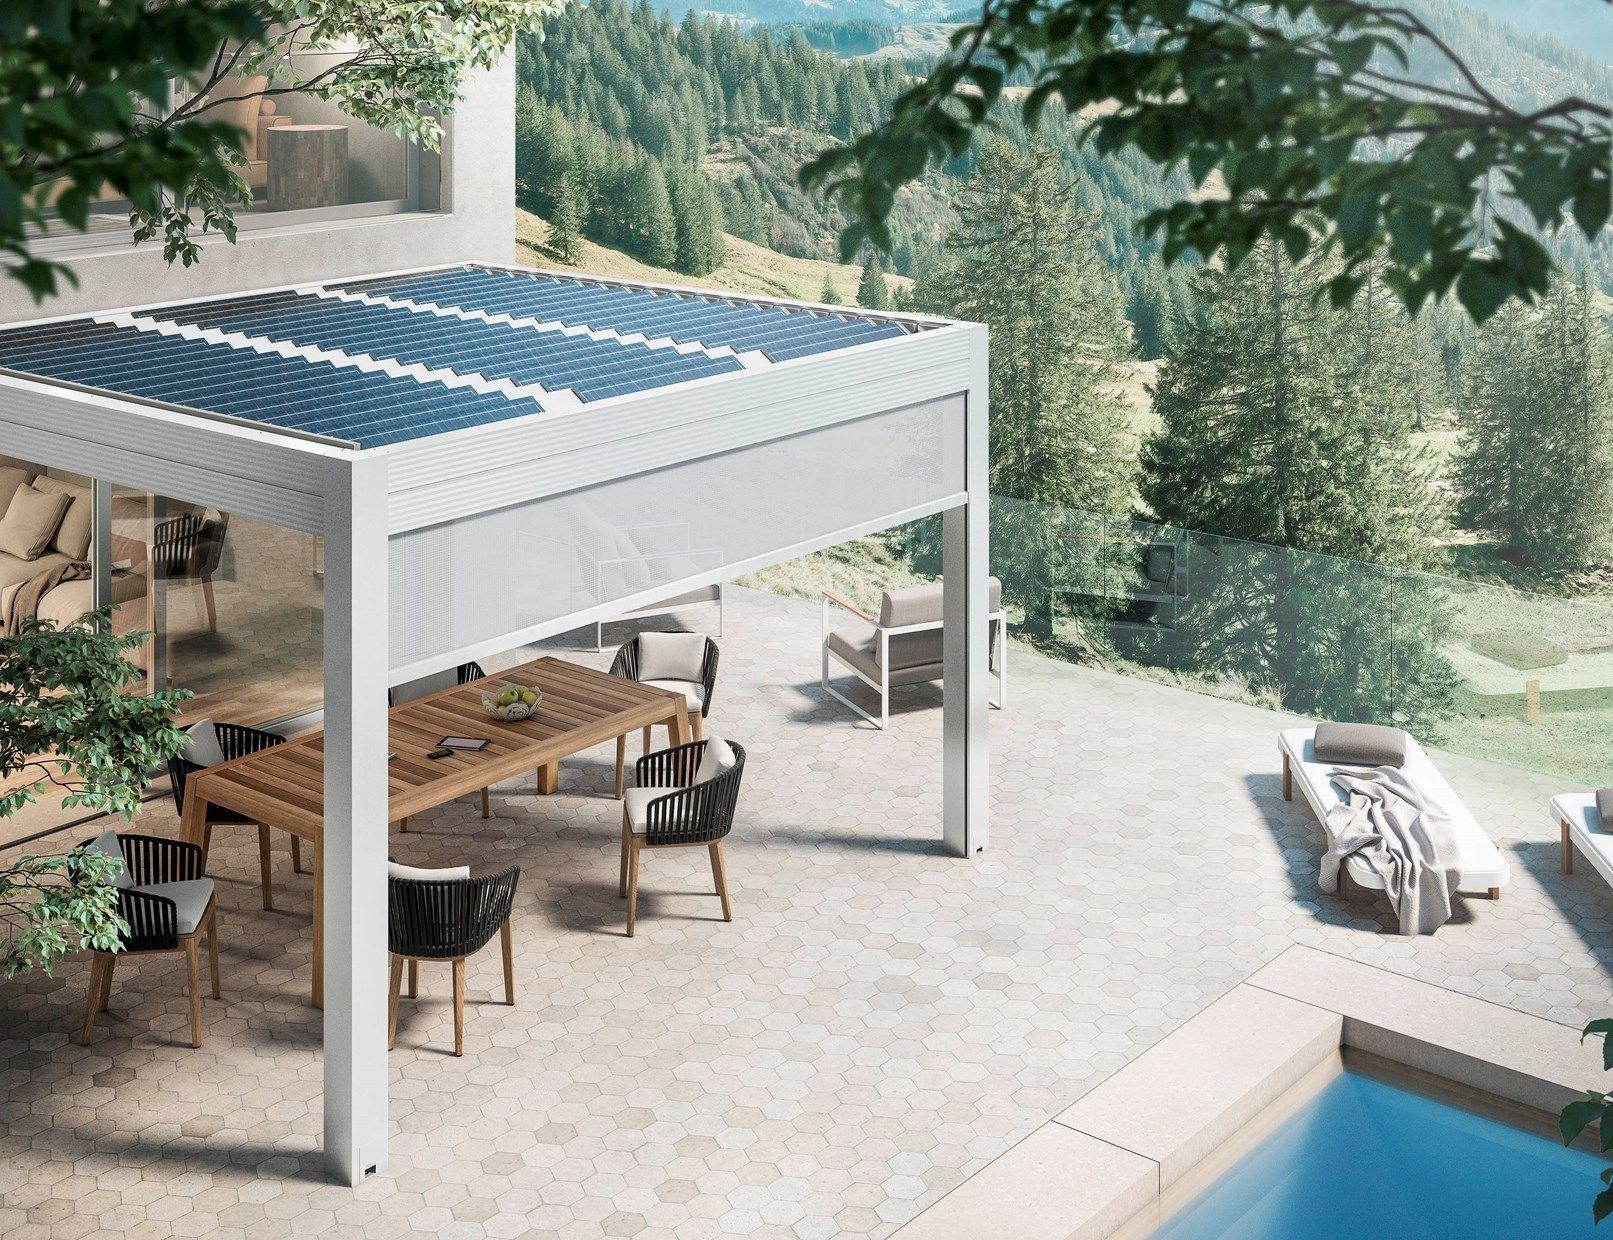 Gibus inventa la pergola bioclimatica fotovoltaica